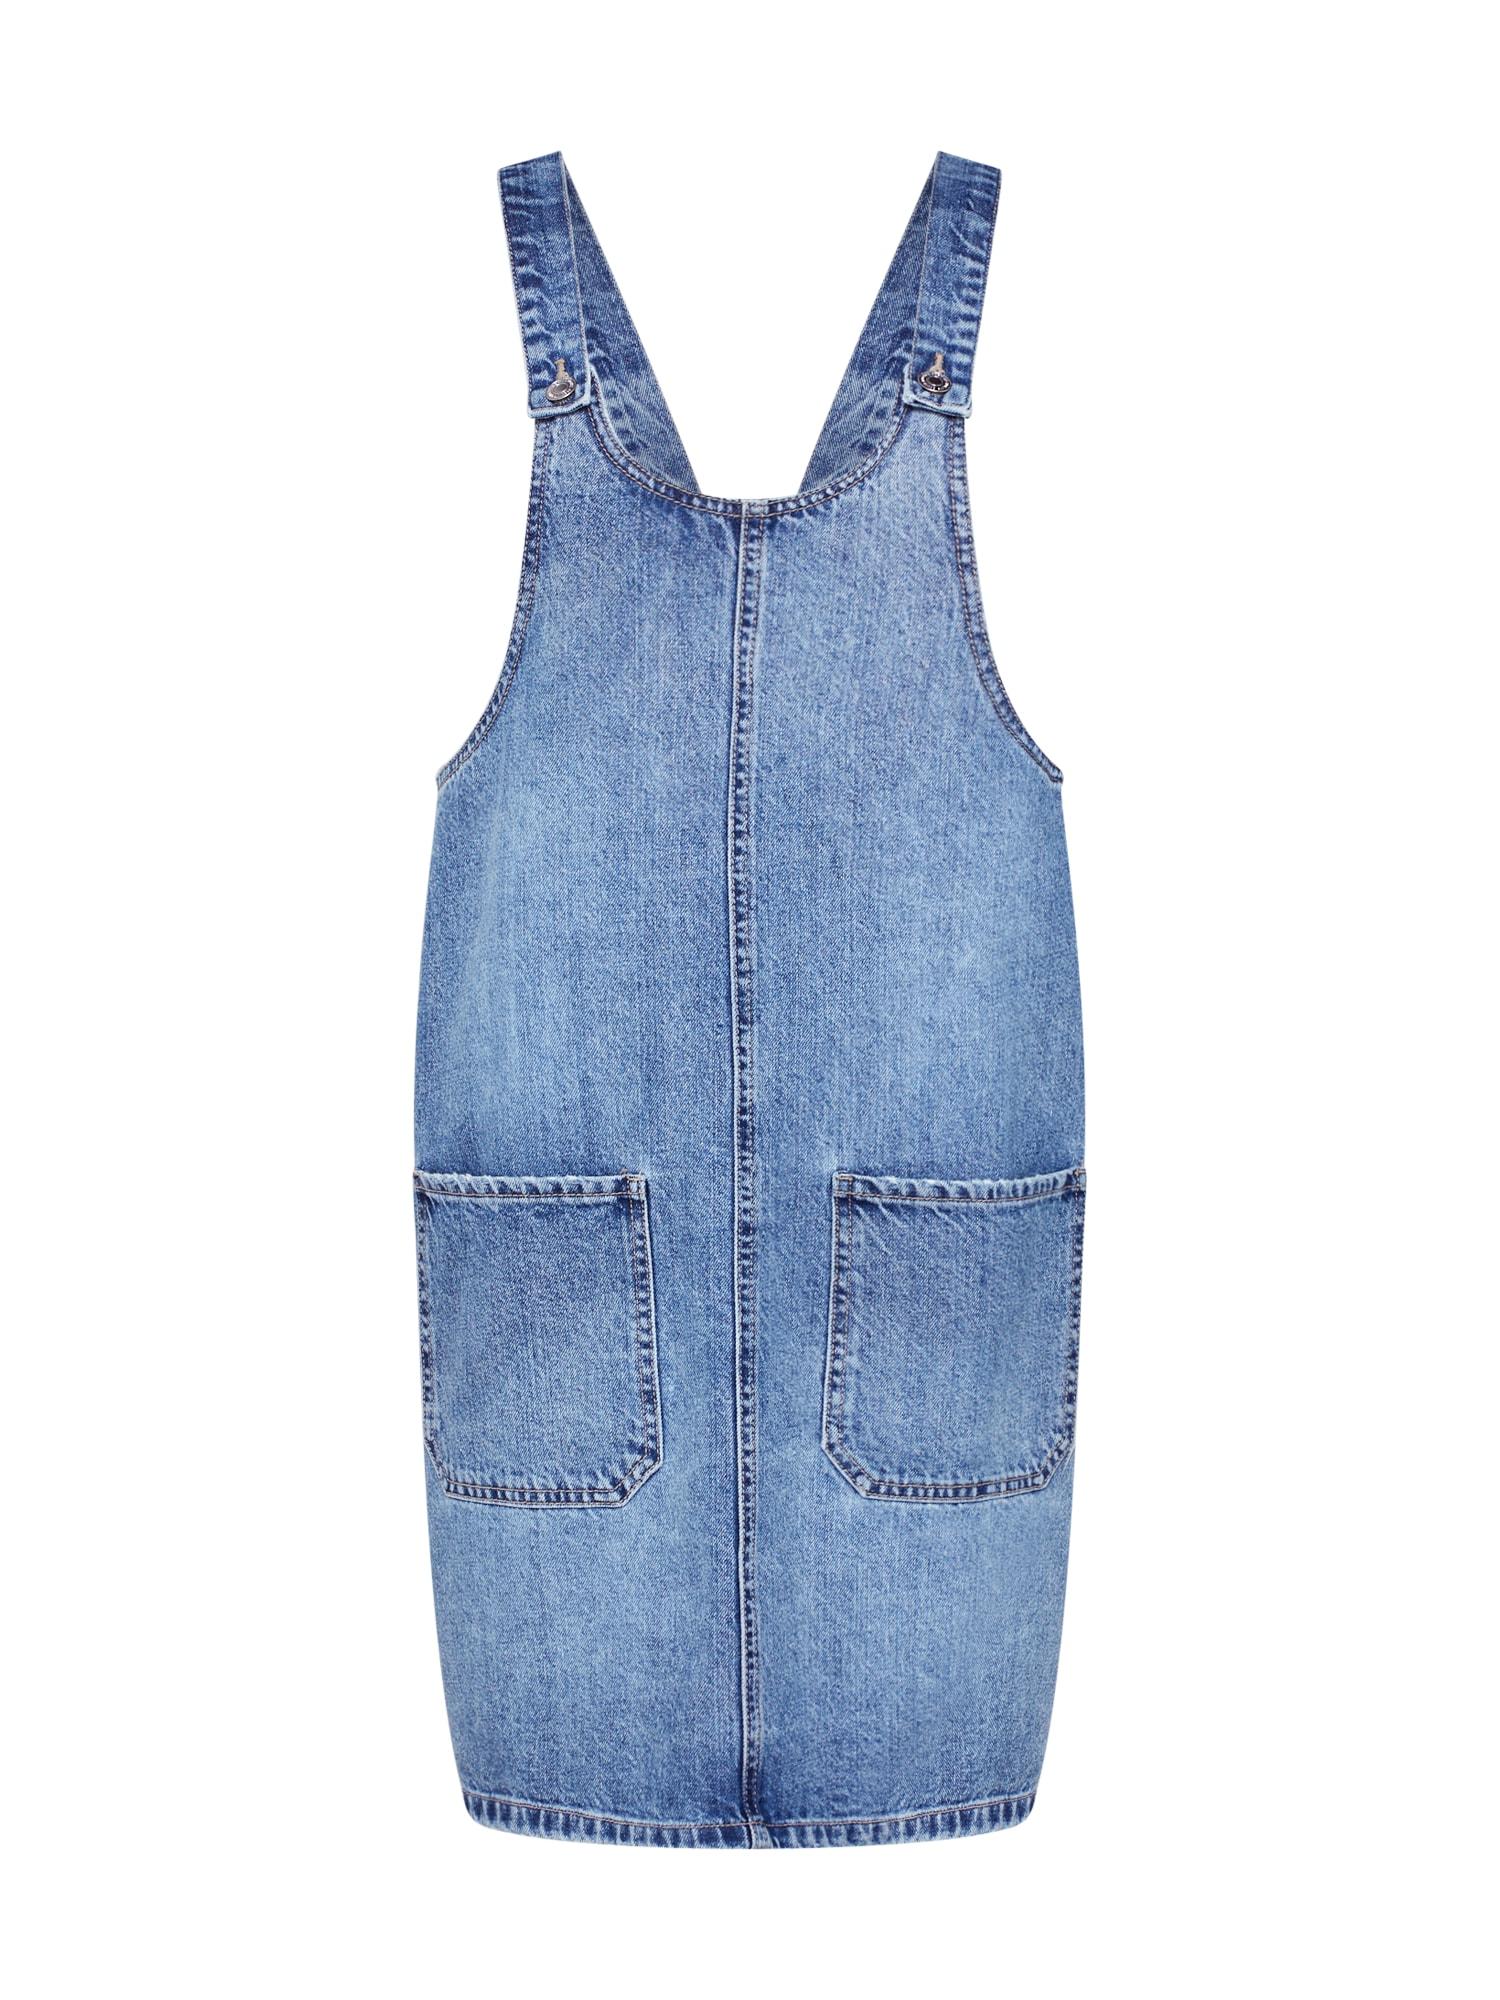 Laclová sukně Kali Pinafort modrá džínovina VERO MODA